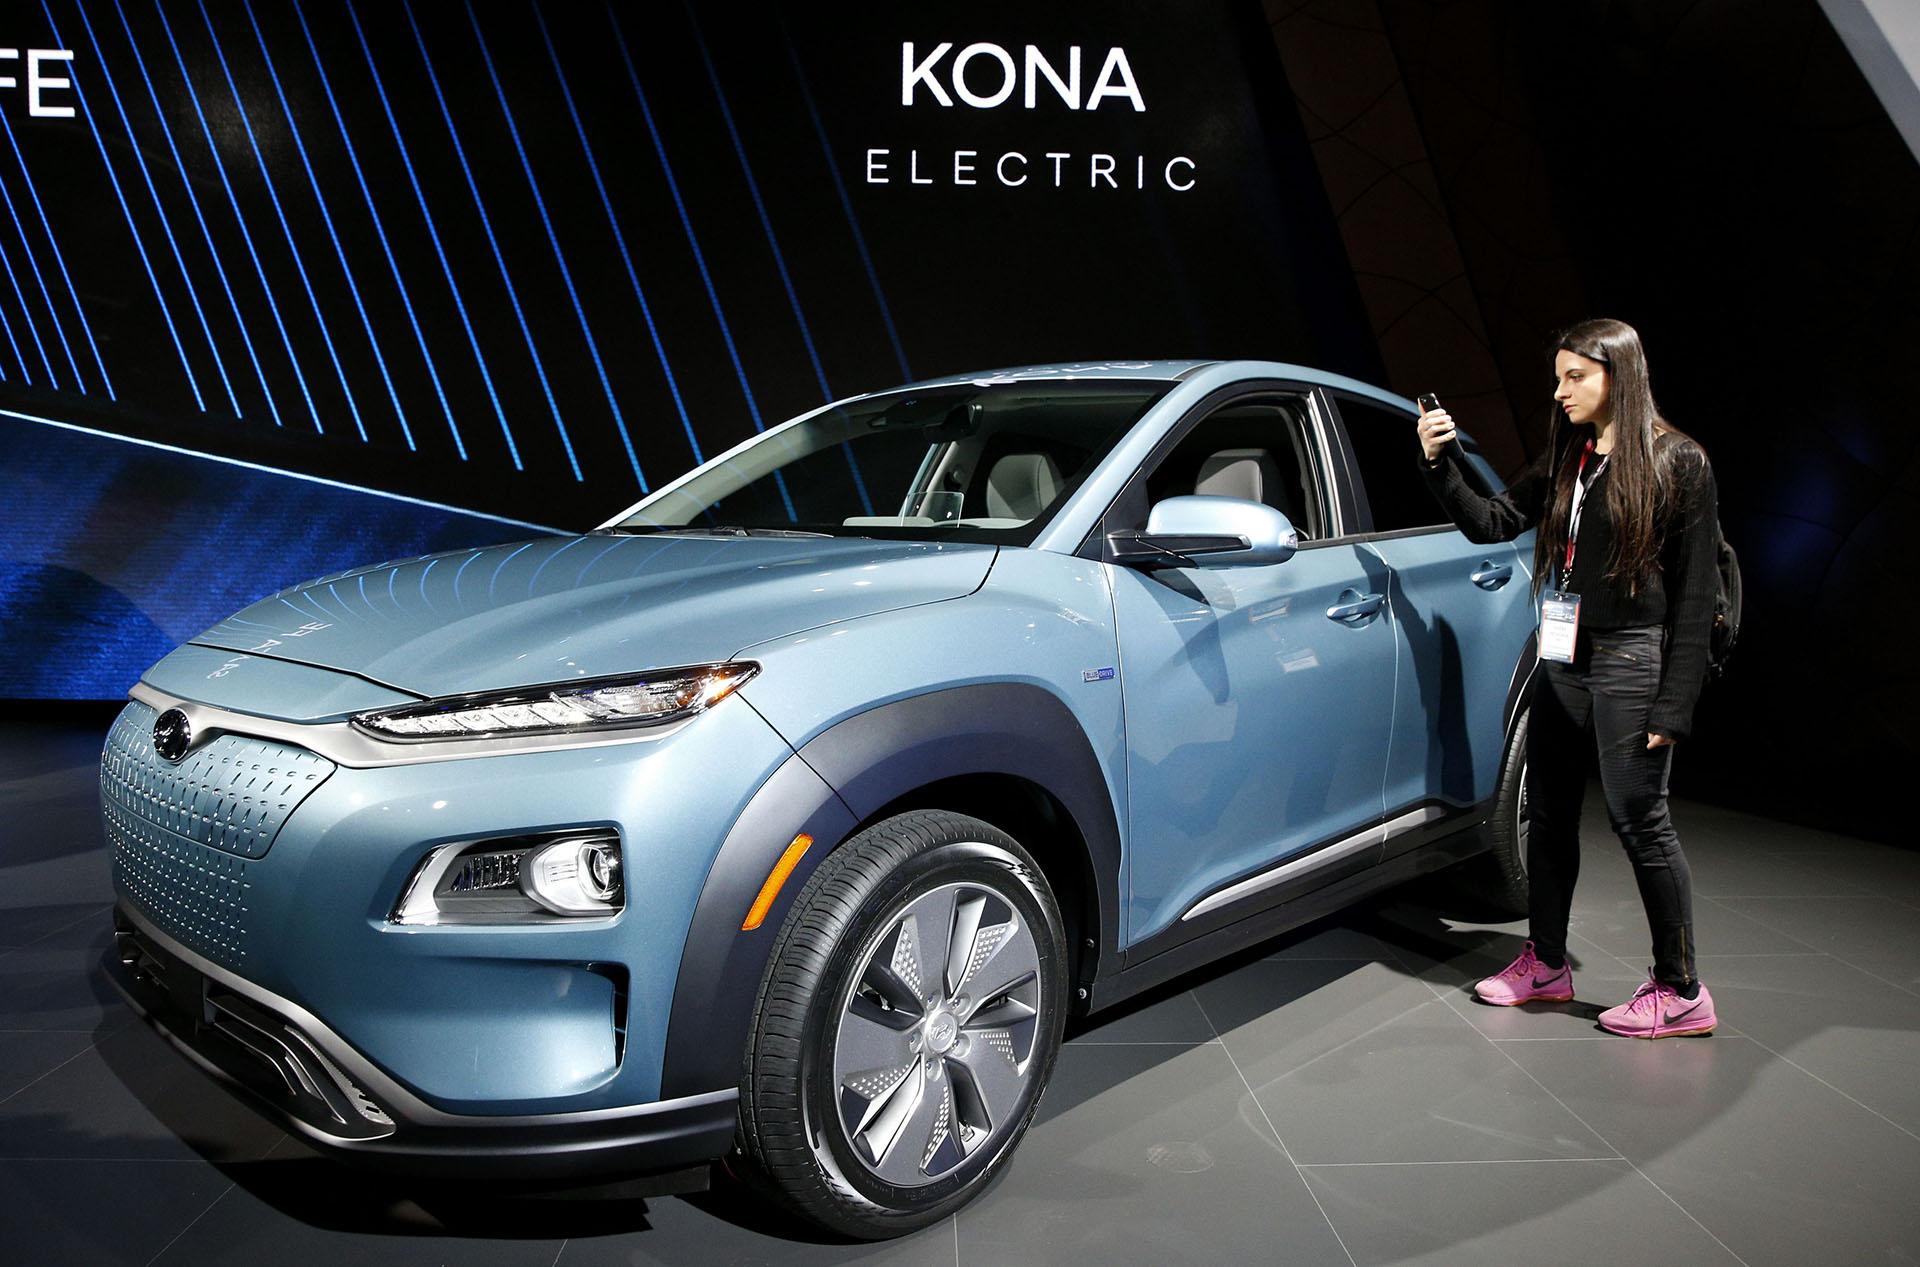 El Kona EV se presentó por primera vez en el Salón de Ginebra. Ahora Hyundai lo trasladó hacia la ciudad estadounidense para presentar sus renovaciones en el portfolio crossover. El modelo es el primer SUV compacto que propone en Europa la motorización 100% eléctrica en un segmento accesible